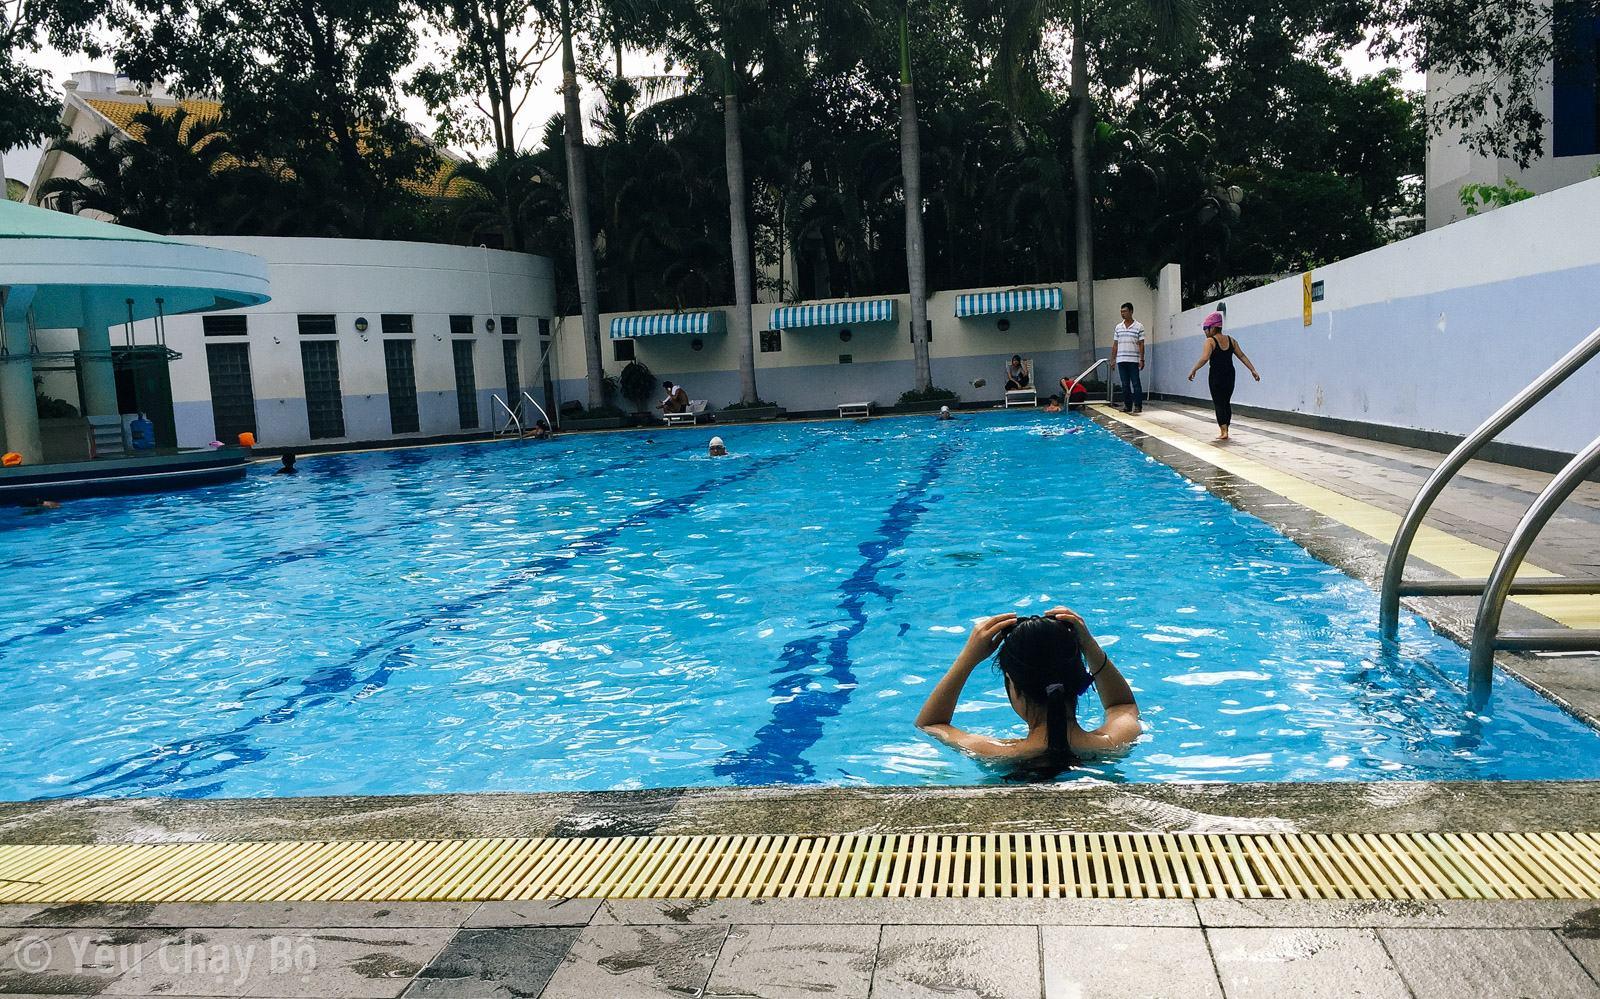 Trưa nóng đi bơi thì còn gì bằng [Hồ bơi e-Town] • Yêu Chạy Bộ